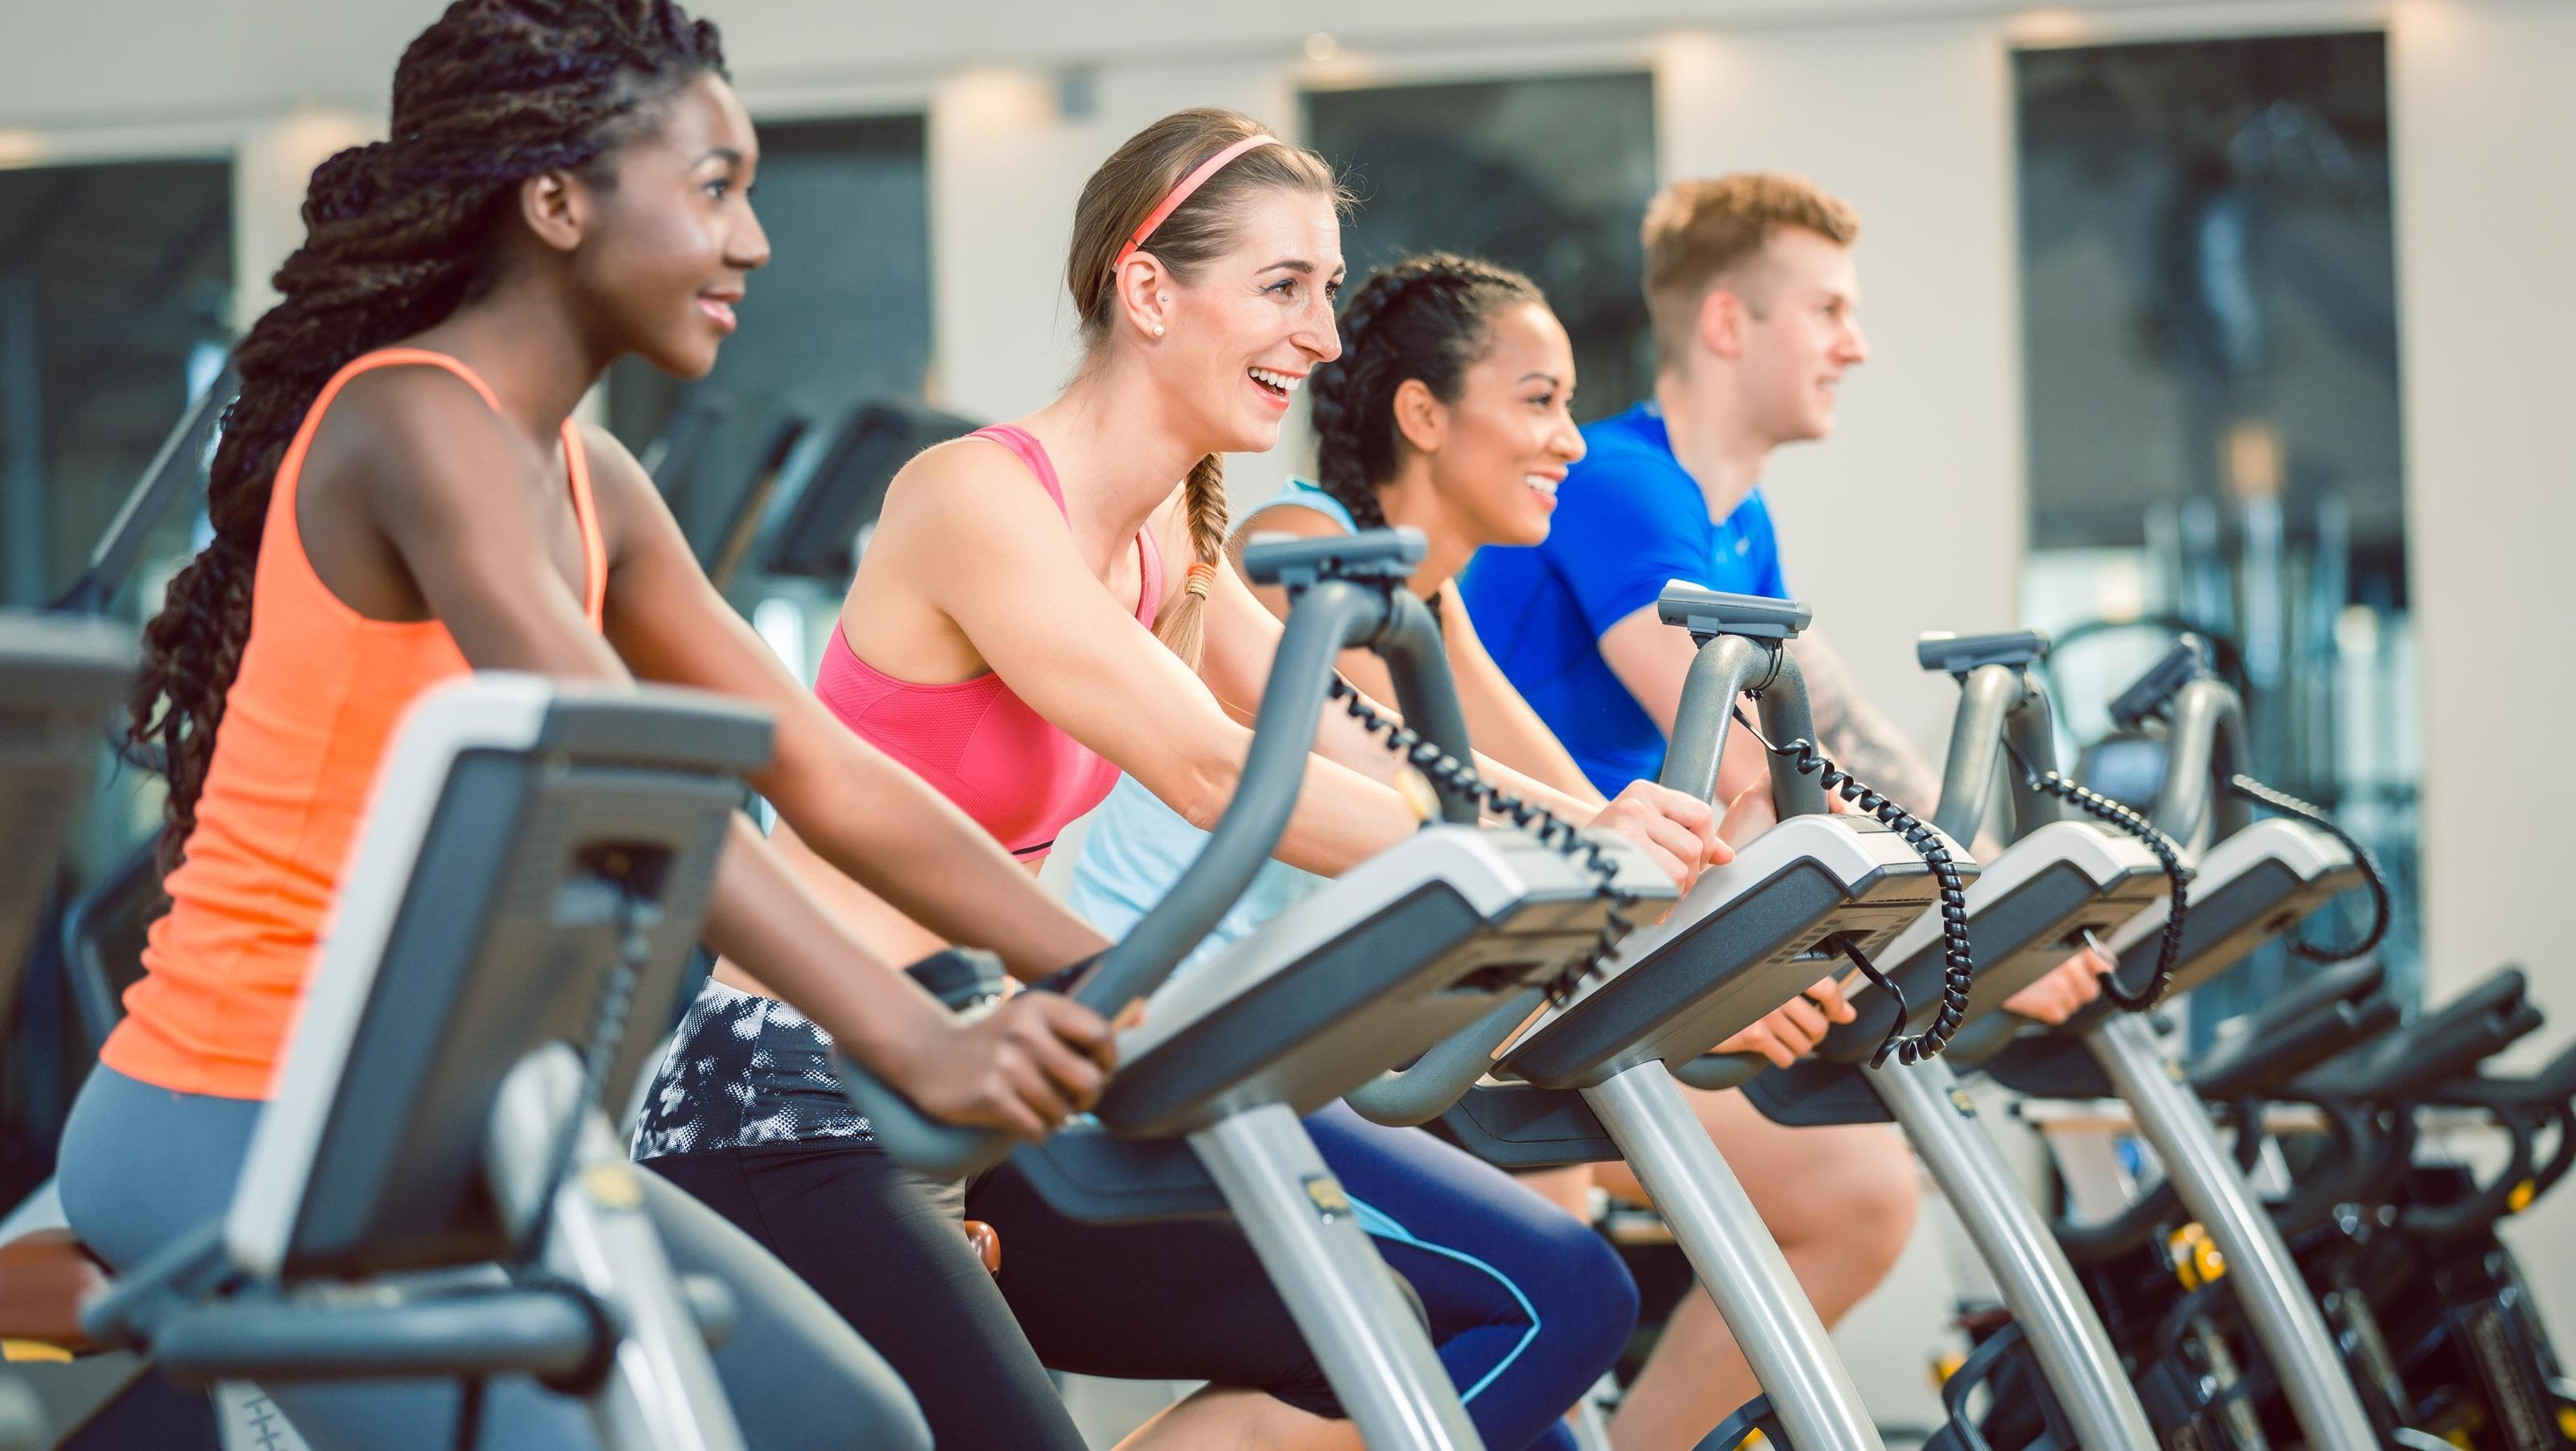 Im Fitnessstudio Selbstbewusstsein ausstrahlen geht eigentlich ganz leicht.